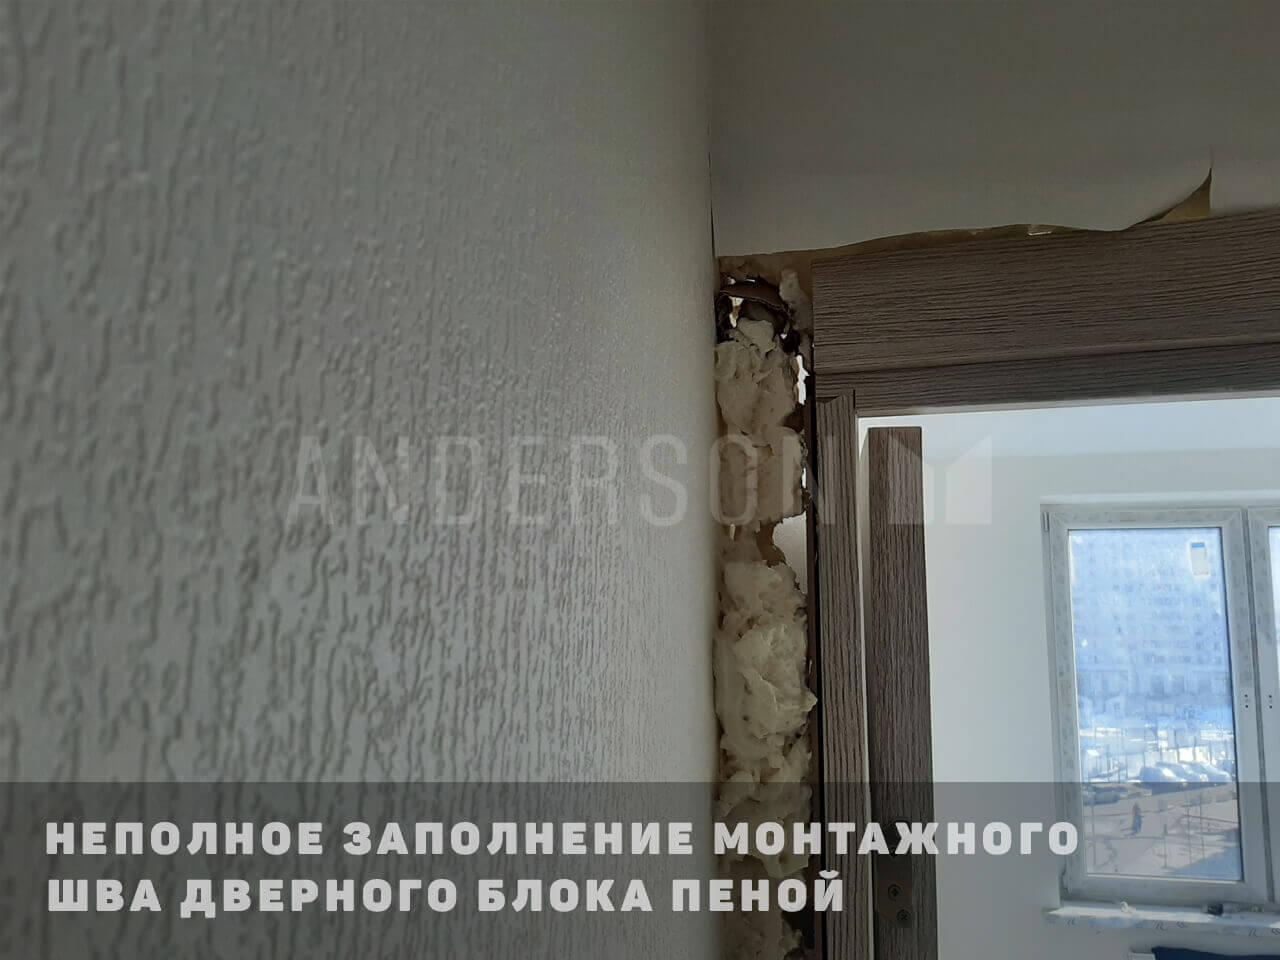 Неполное заполнение монтажного шва двери